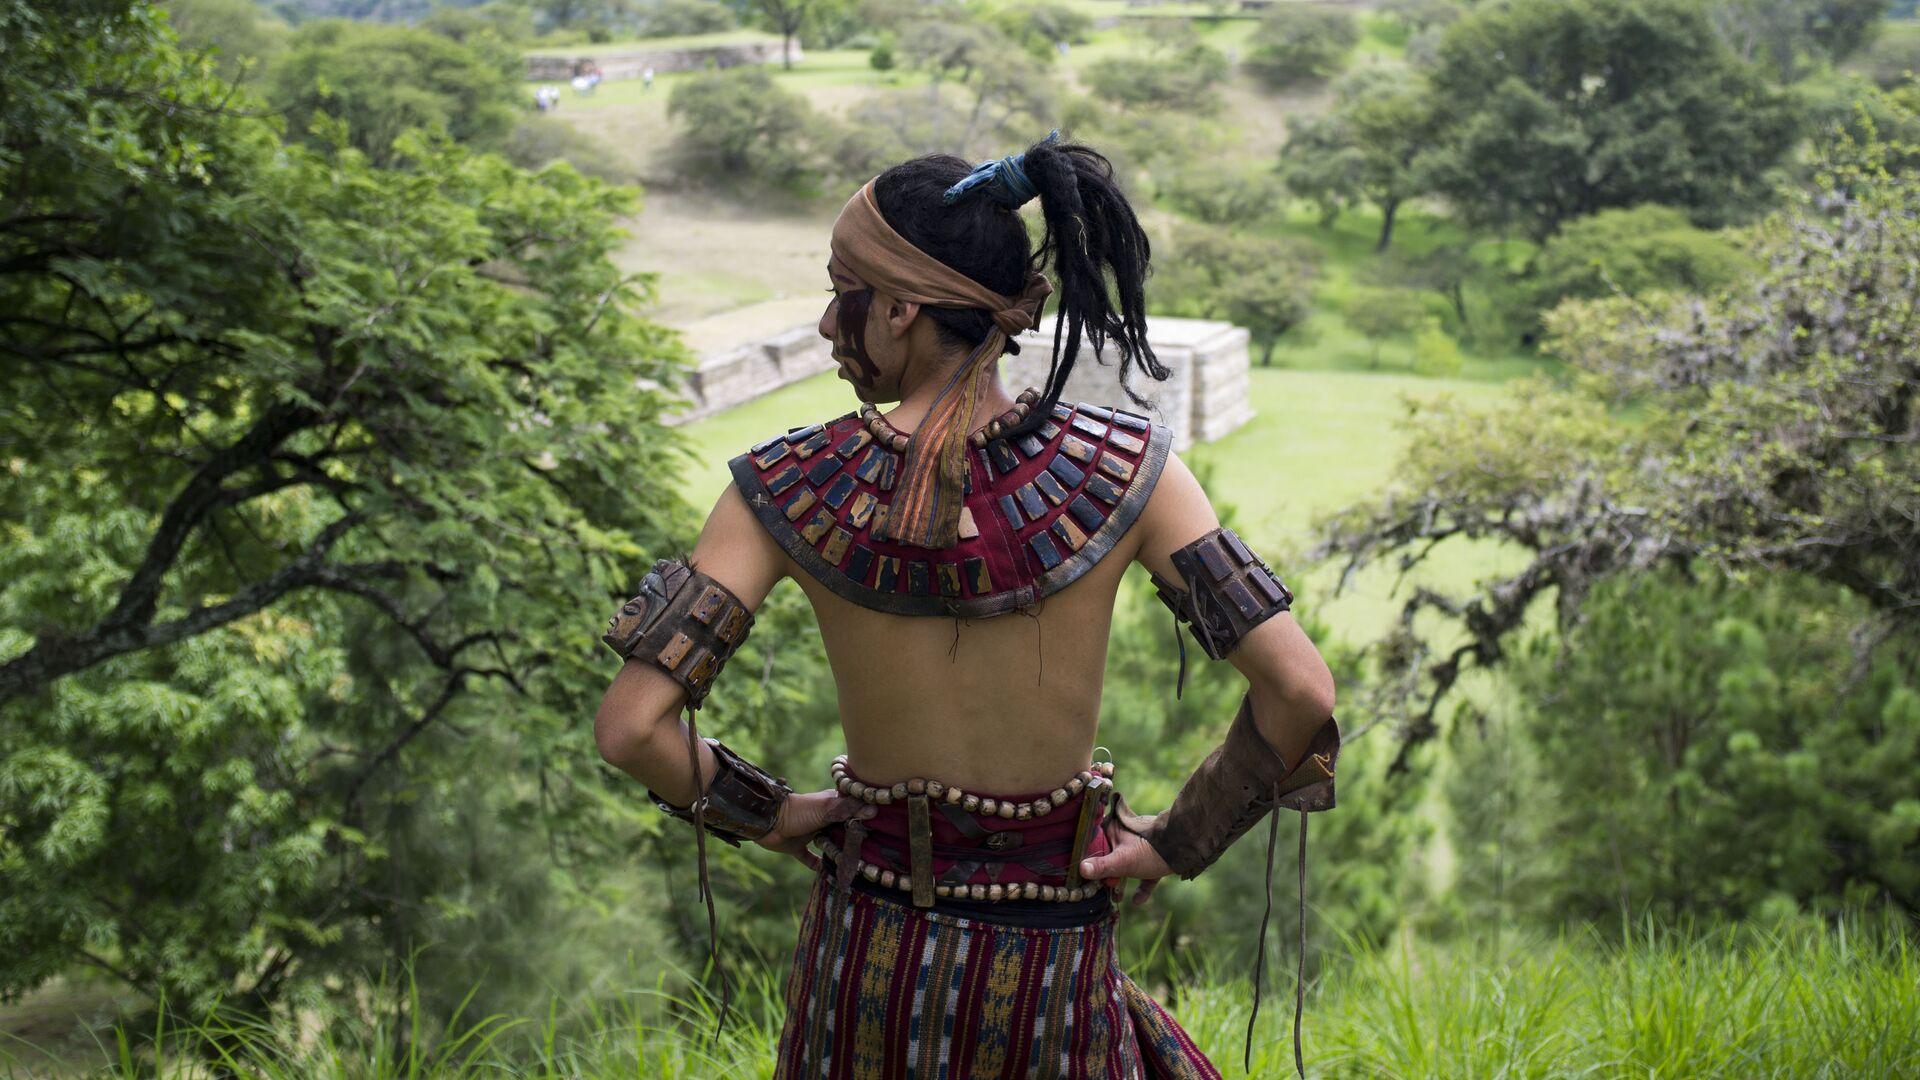 Un hombre ataviado con la vestimenta tradicional maya - Sputnik Mundo, 1920, 02.05.2021